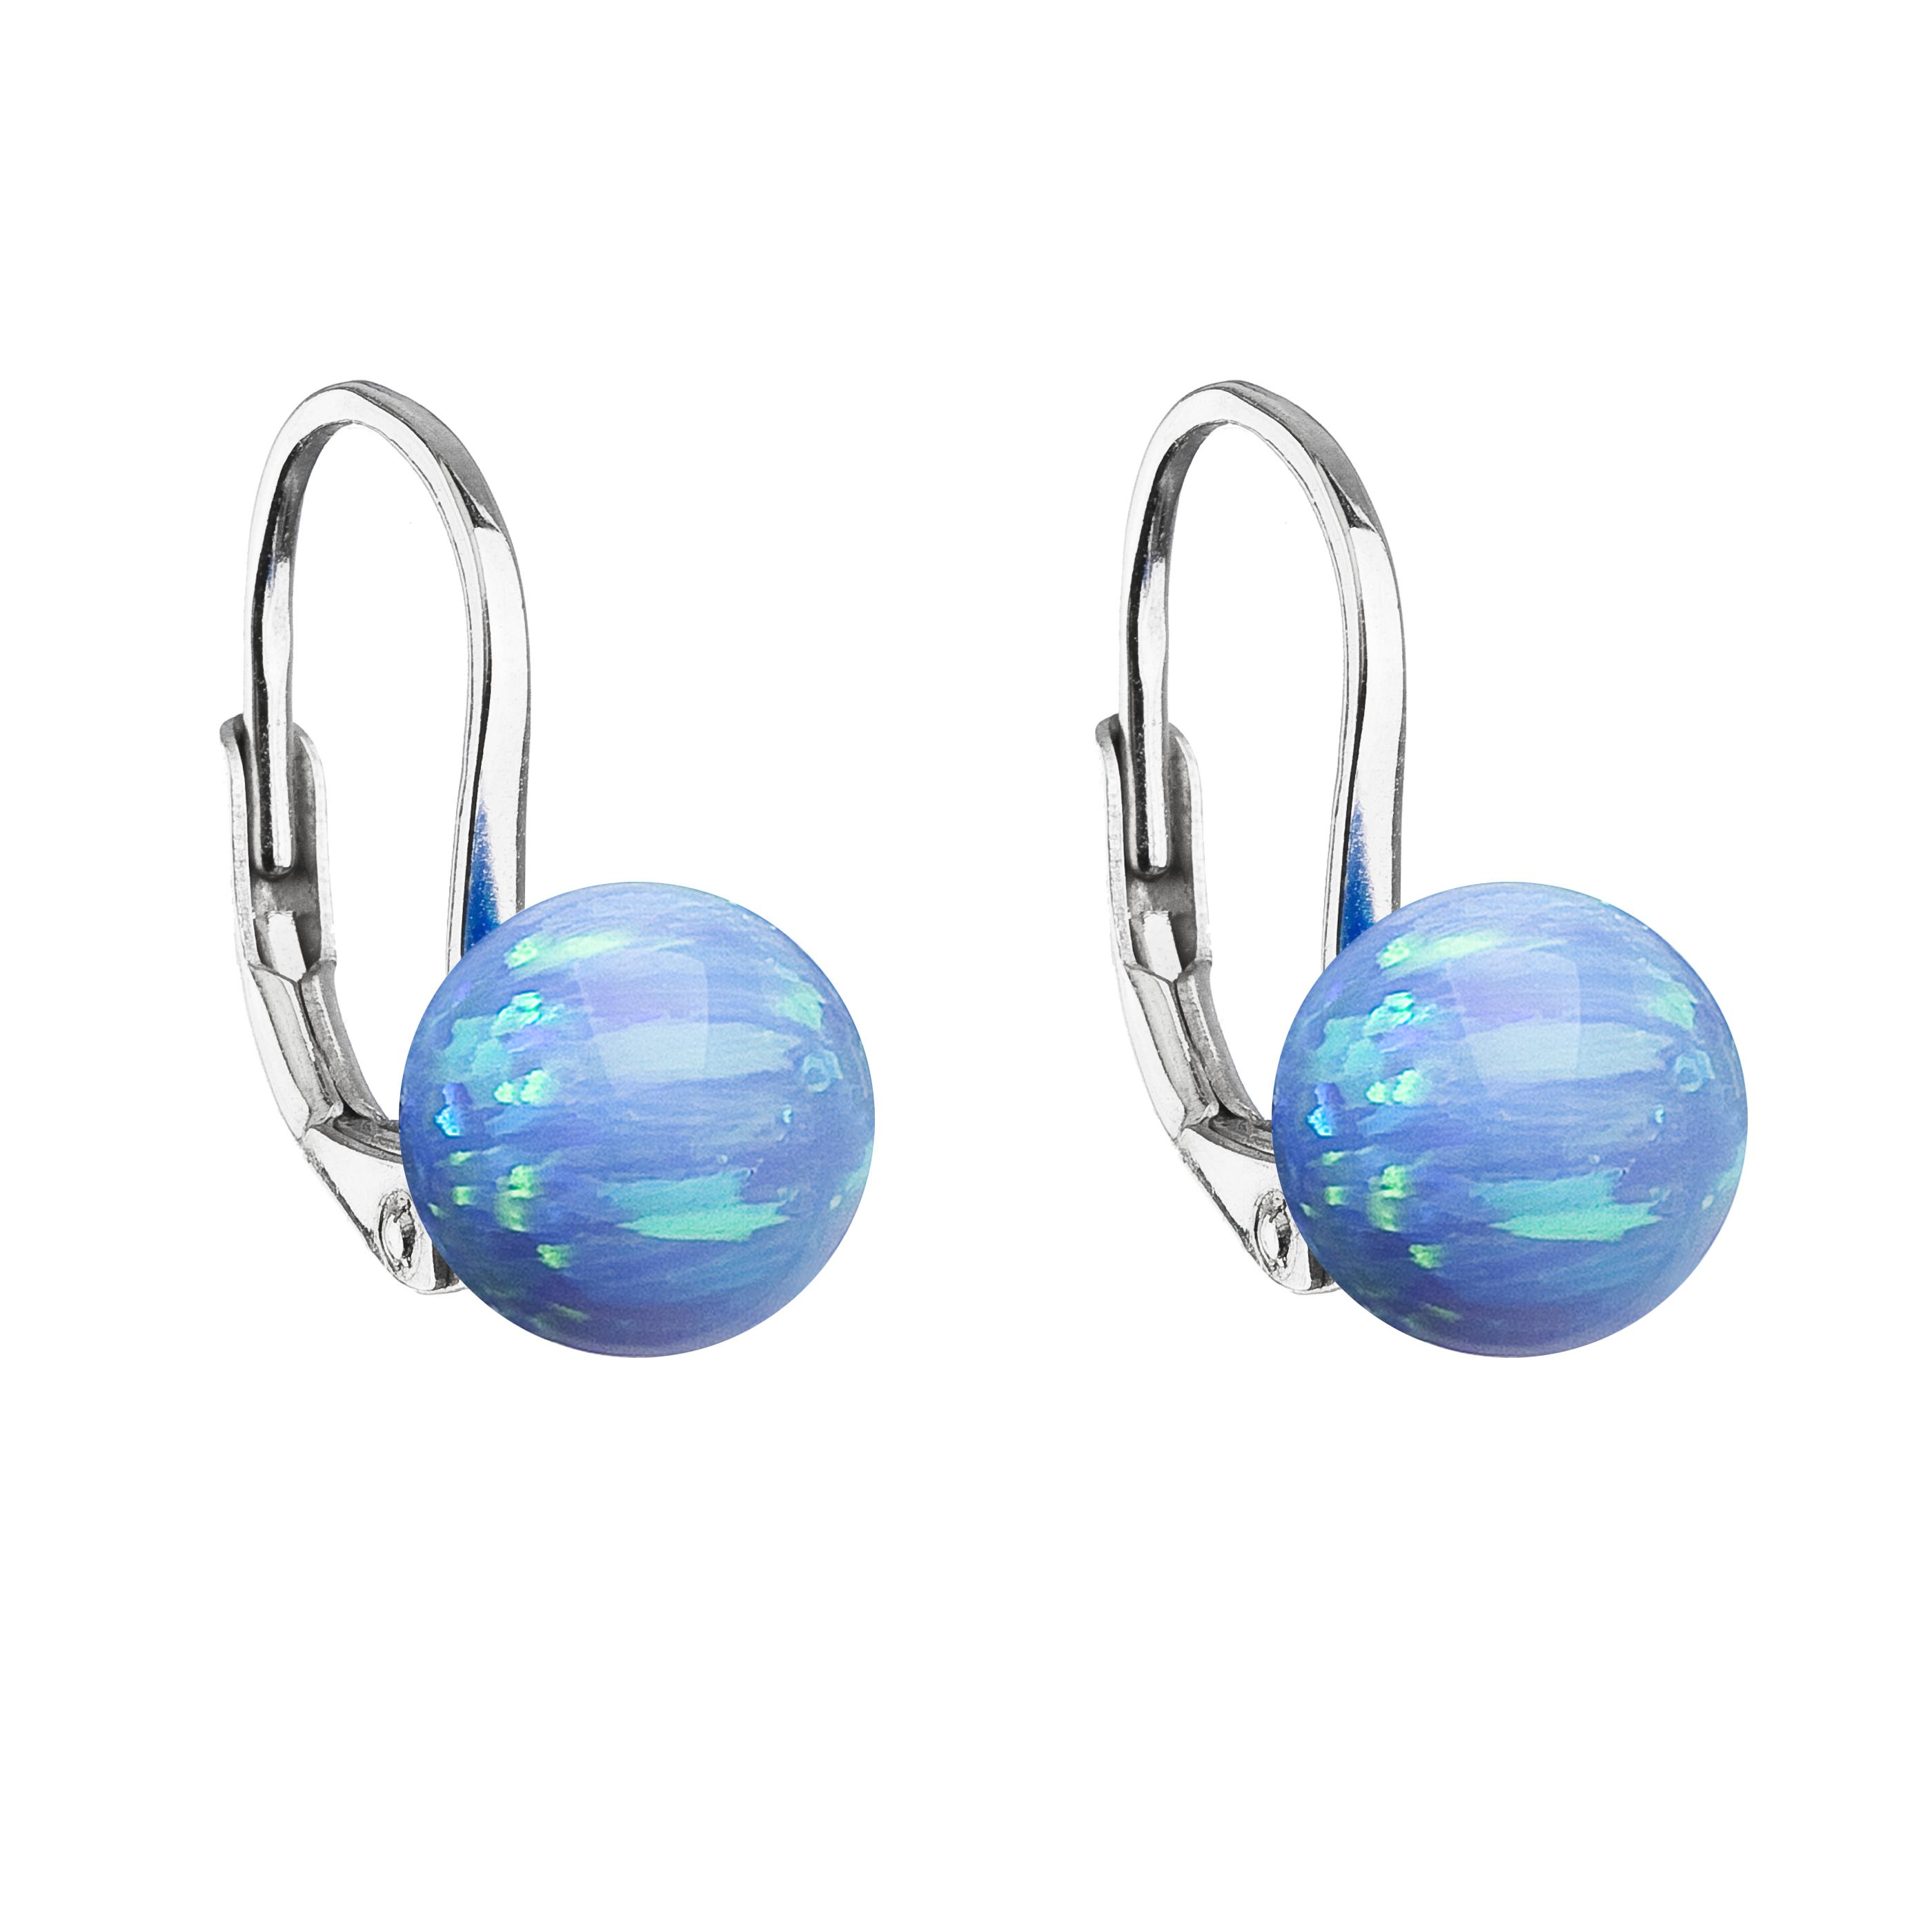 Strieborné visiace náušnice so syntetickým opálom svetlo modré okrúhle 11245.3 lt.blue